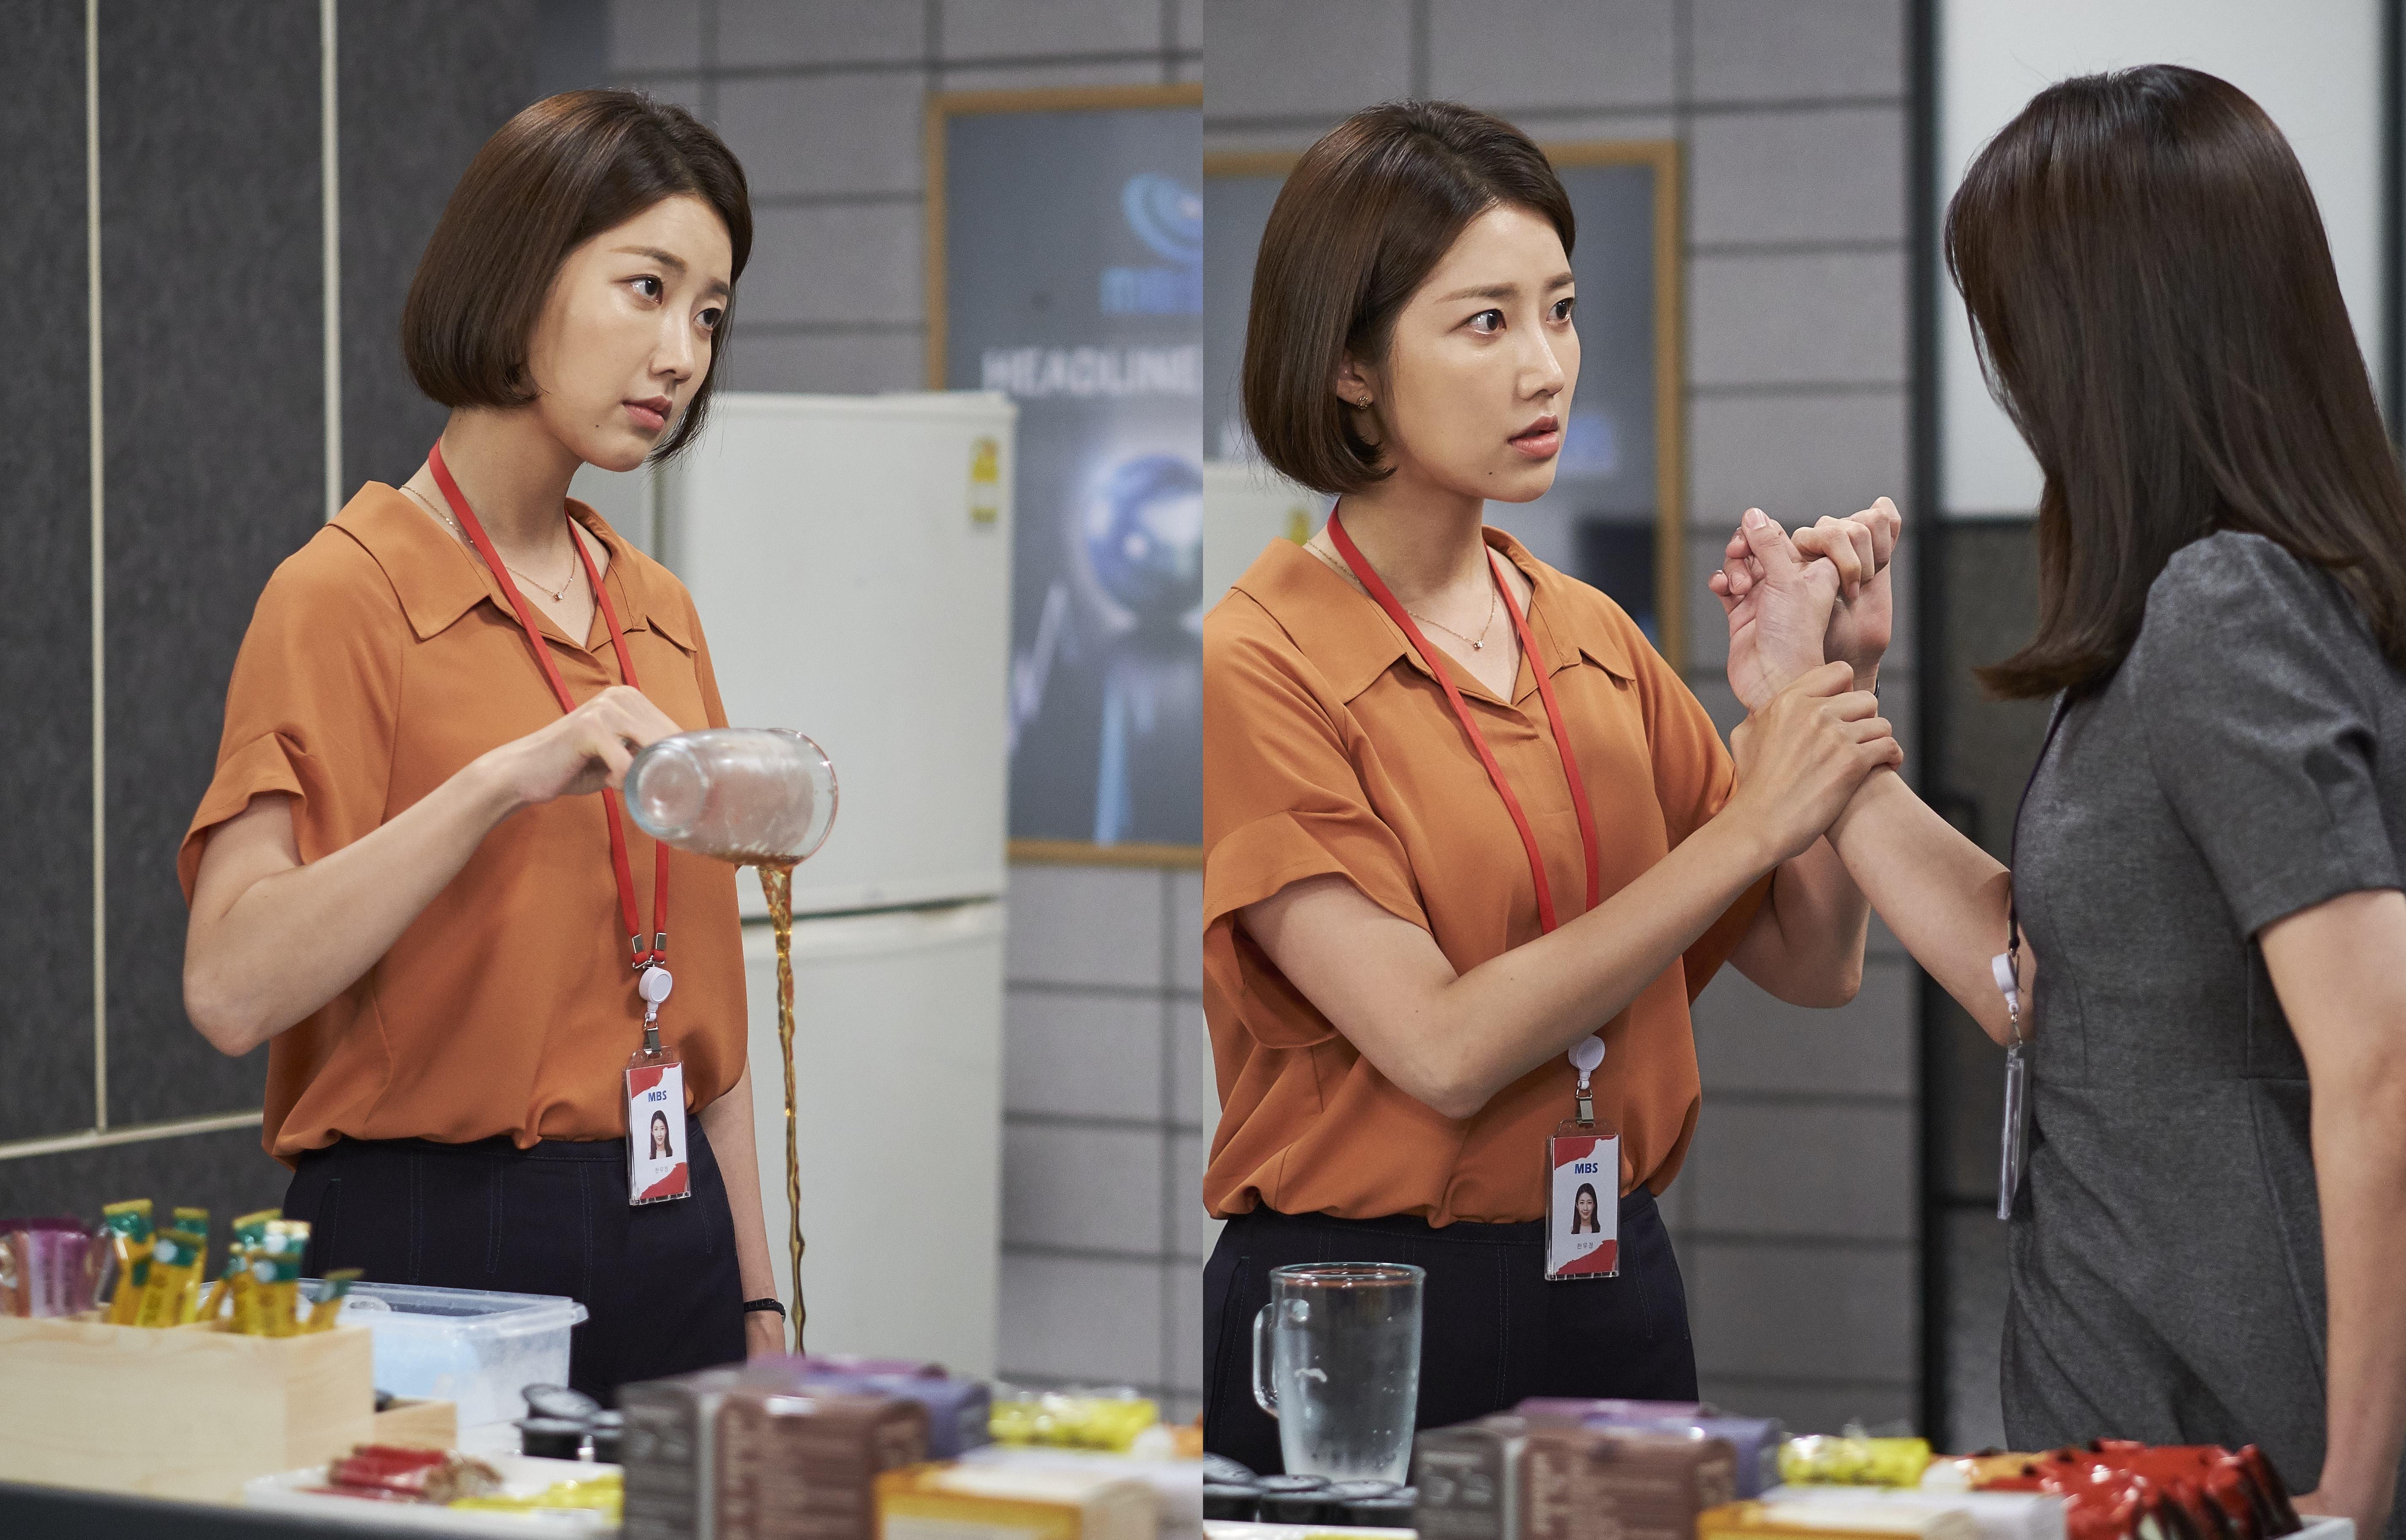 '비밀과 거짓말' 동시간대 시청률 1위...불꽃눈빛X손목꺾기 포착